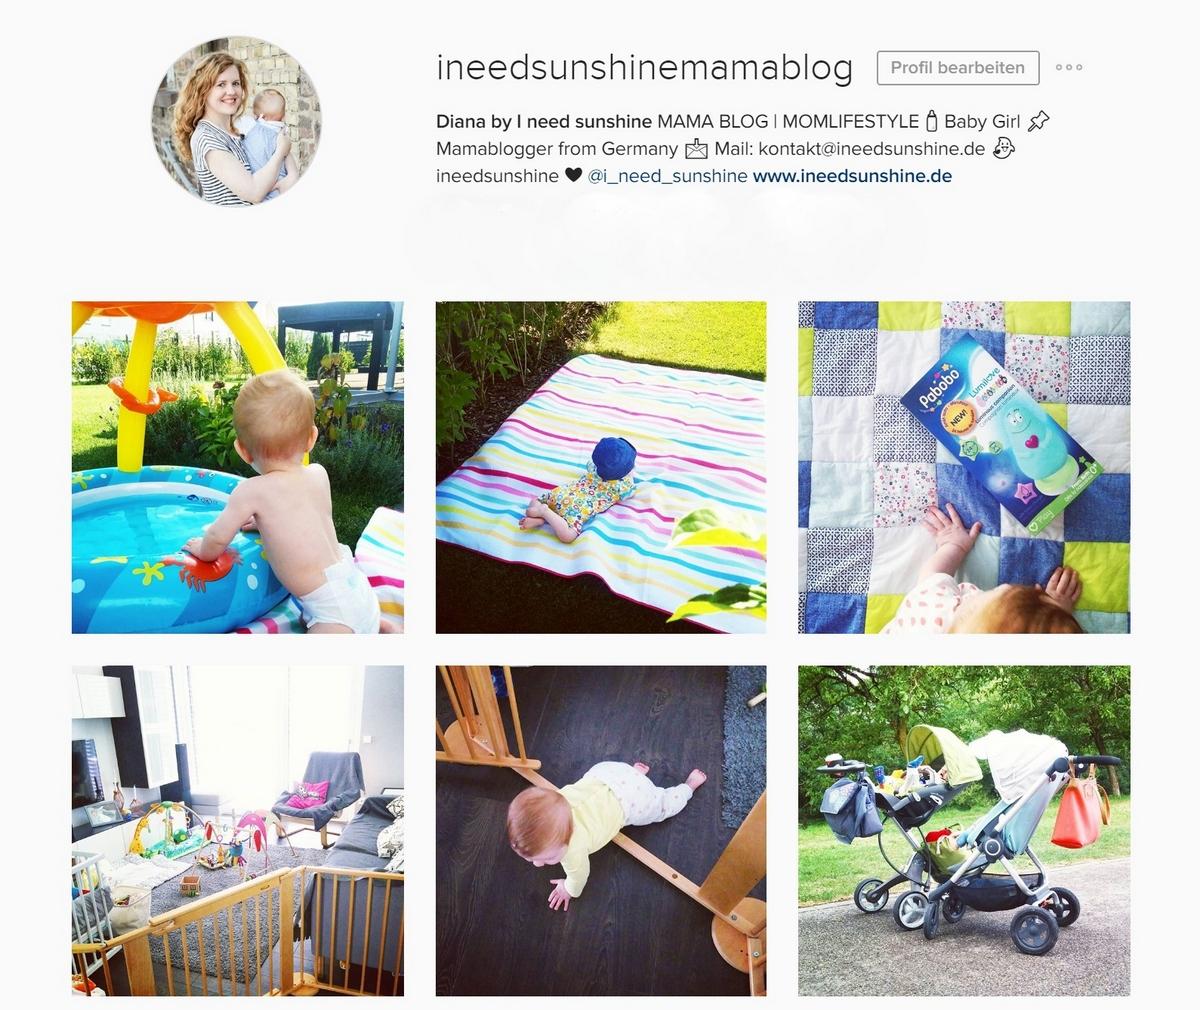 Zwei Instagram Accounts verwalten sinnvoll oder nicht für mehr Likes und Follower auf Instagram